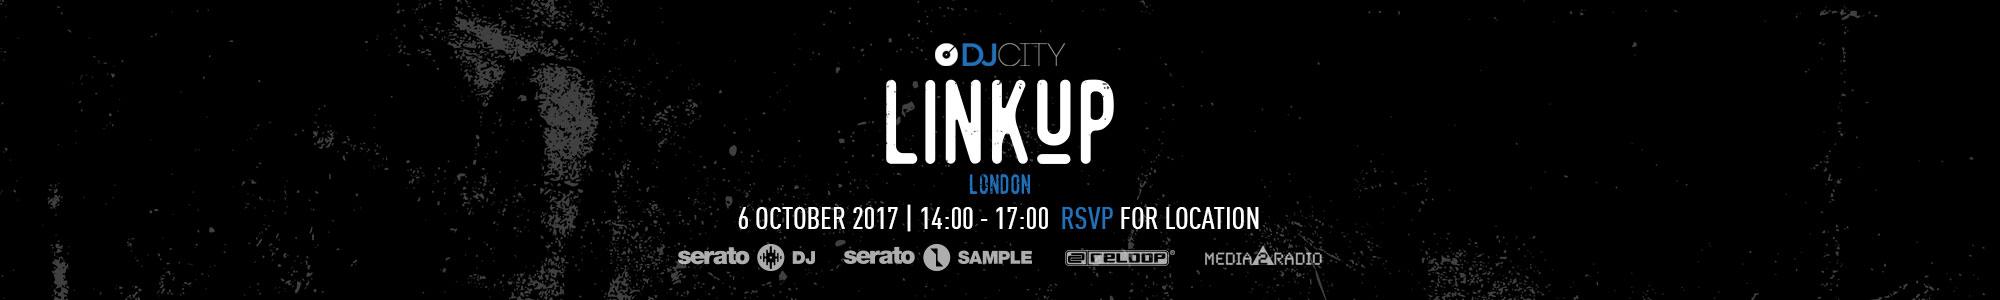 DJcity UK DJ Linkup 2017